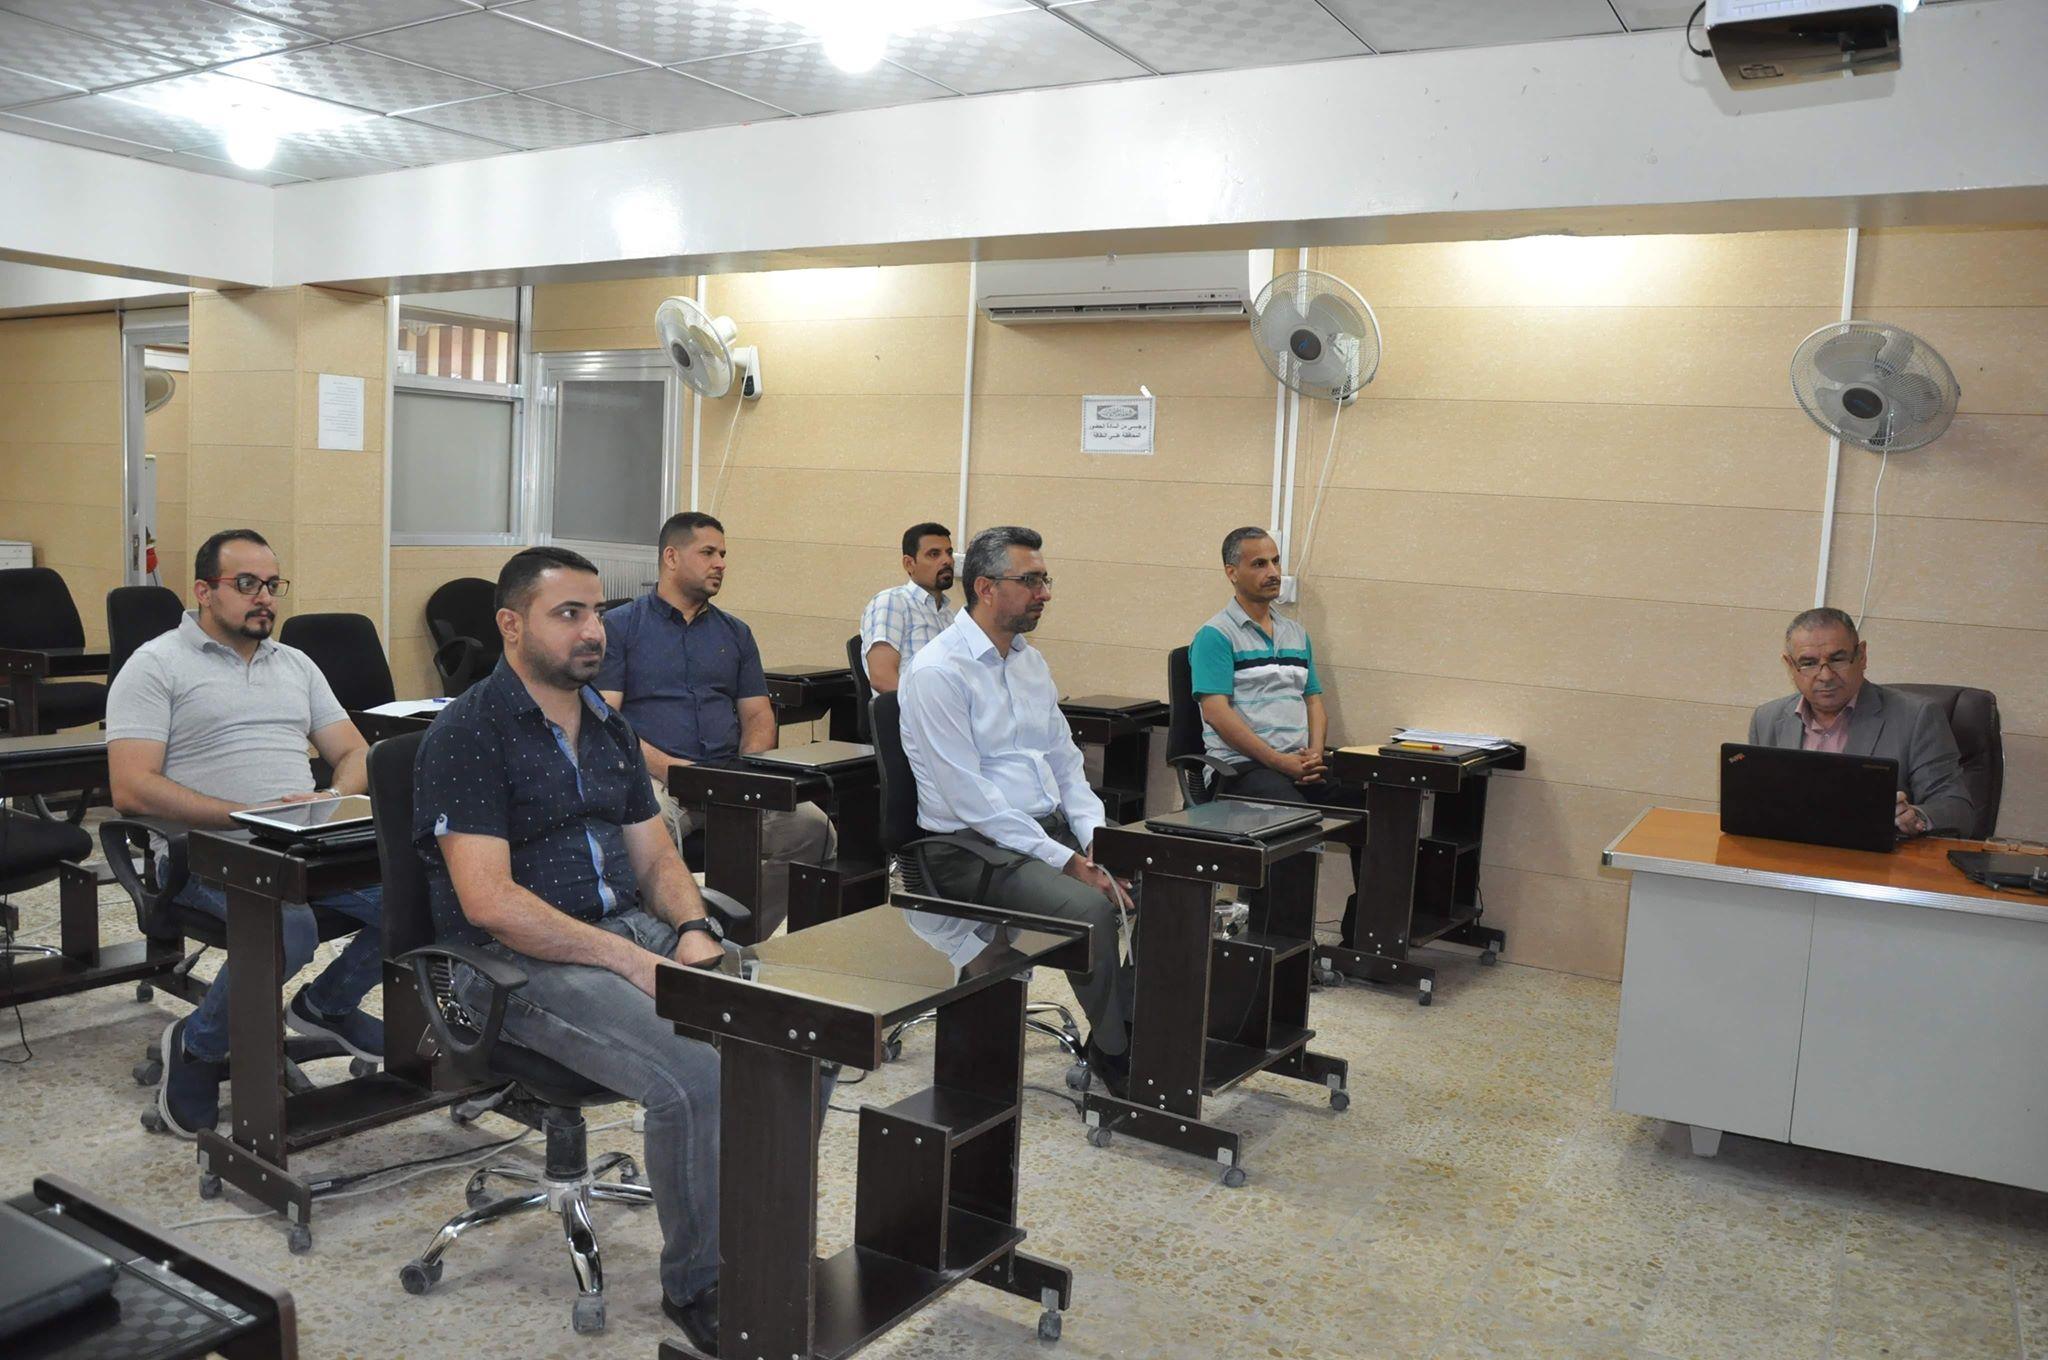 كلية الهندسة تقيم دورة علمية حول برنامج الماتلاب في التطبيقات الهندسية